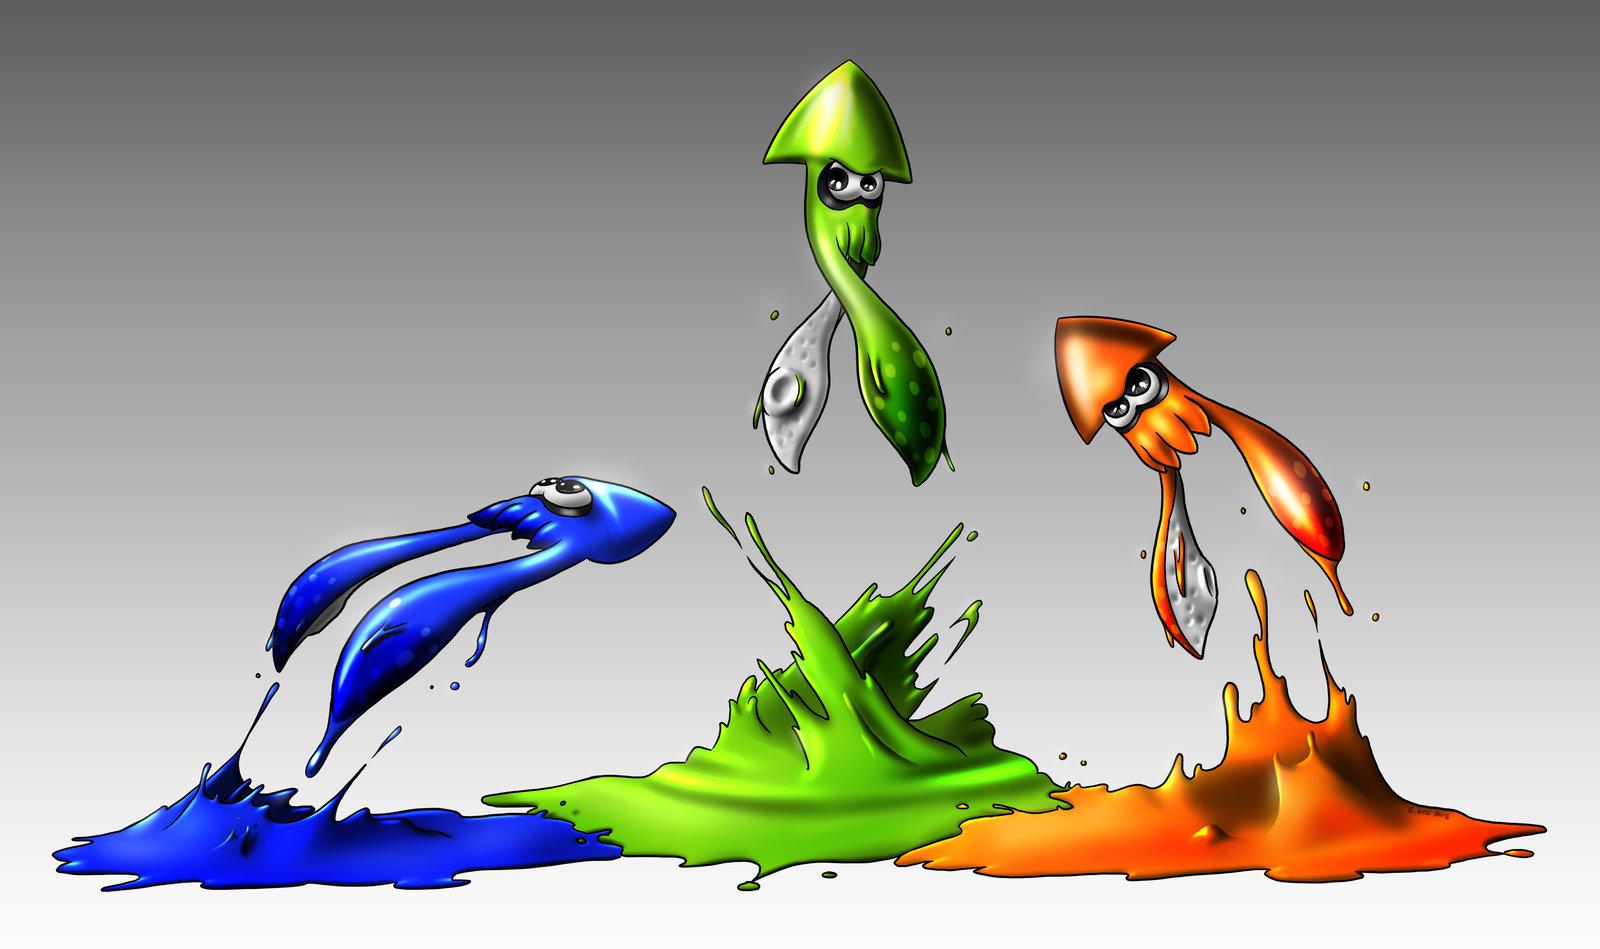 Drawn squid splatoon On TheKid221 Splatoon by DeviantArt